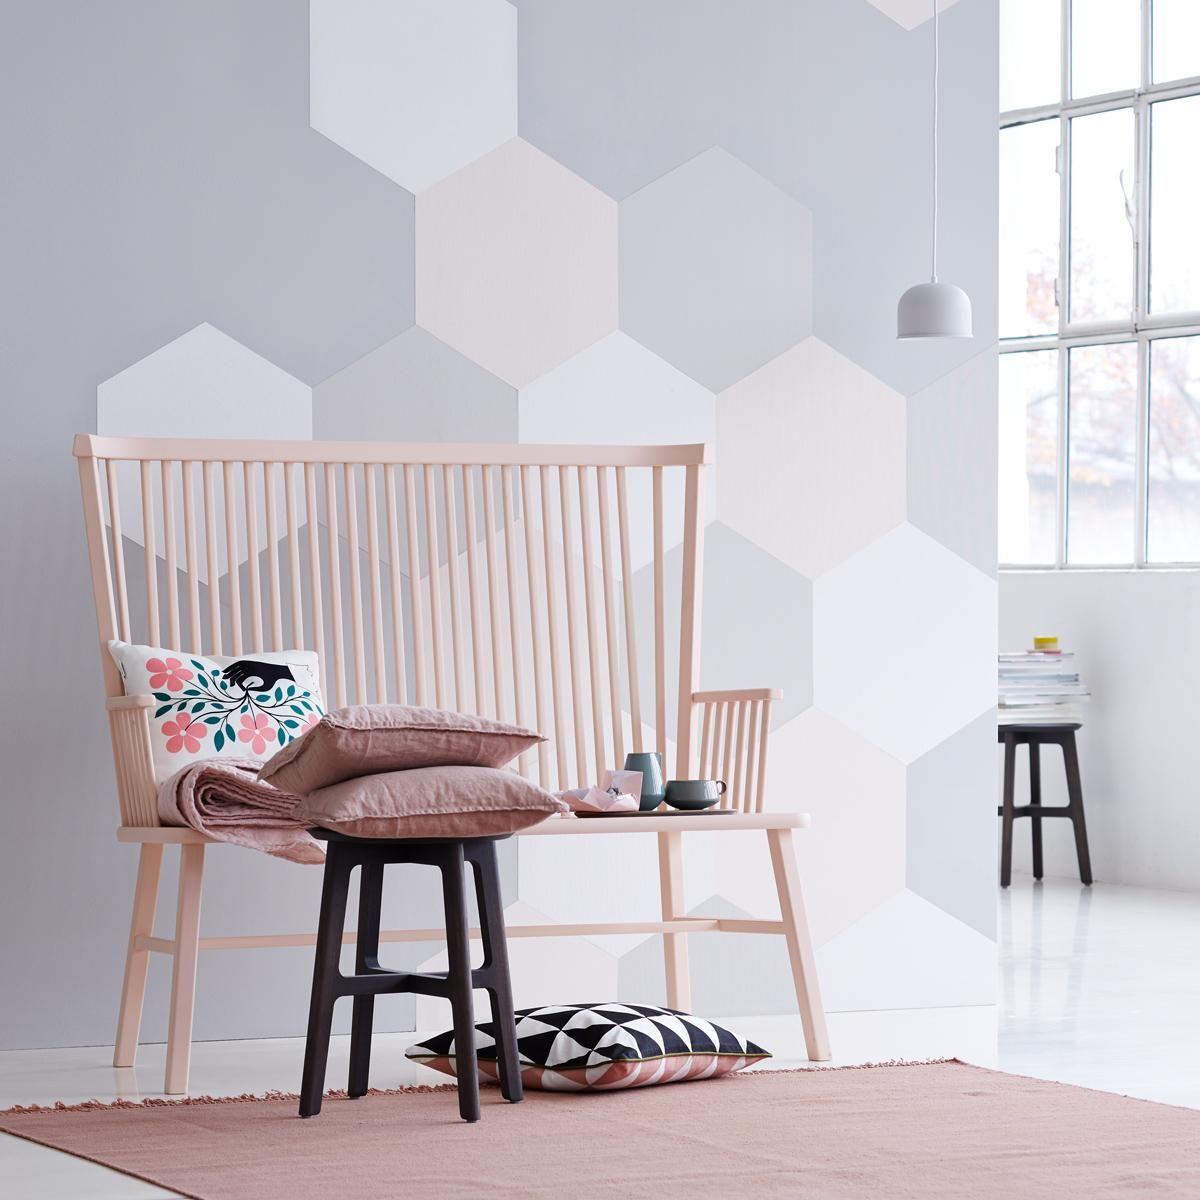 Wandgestaltung und Deko in zarten Farben Wohnen